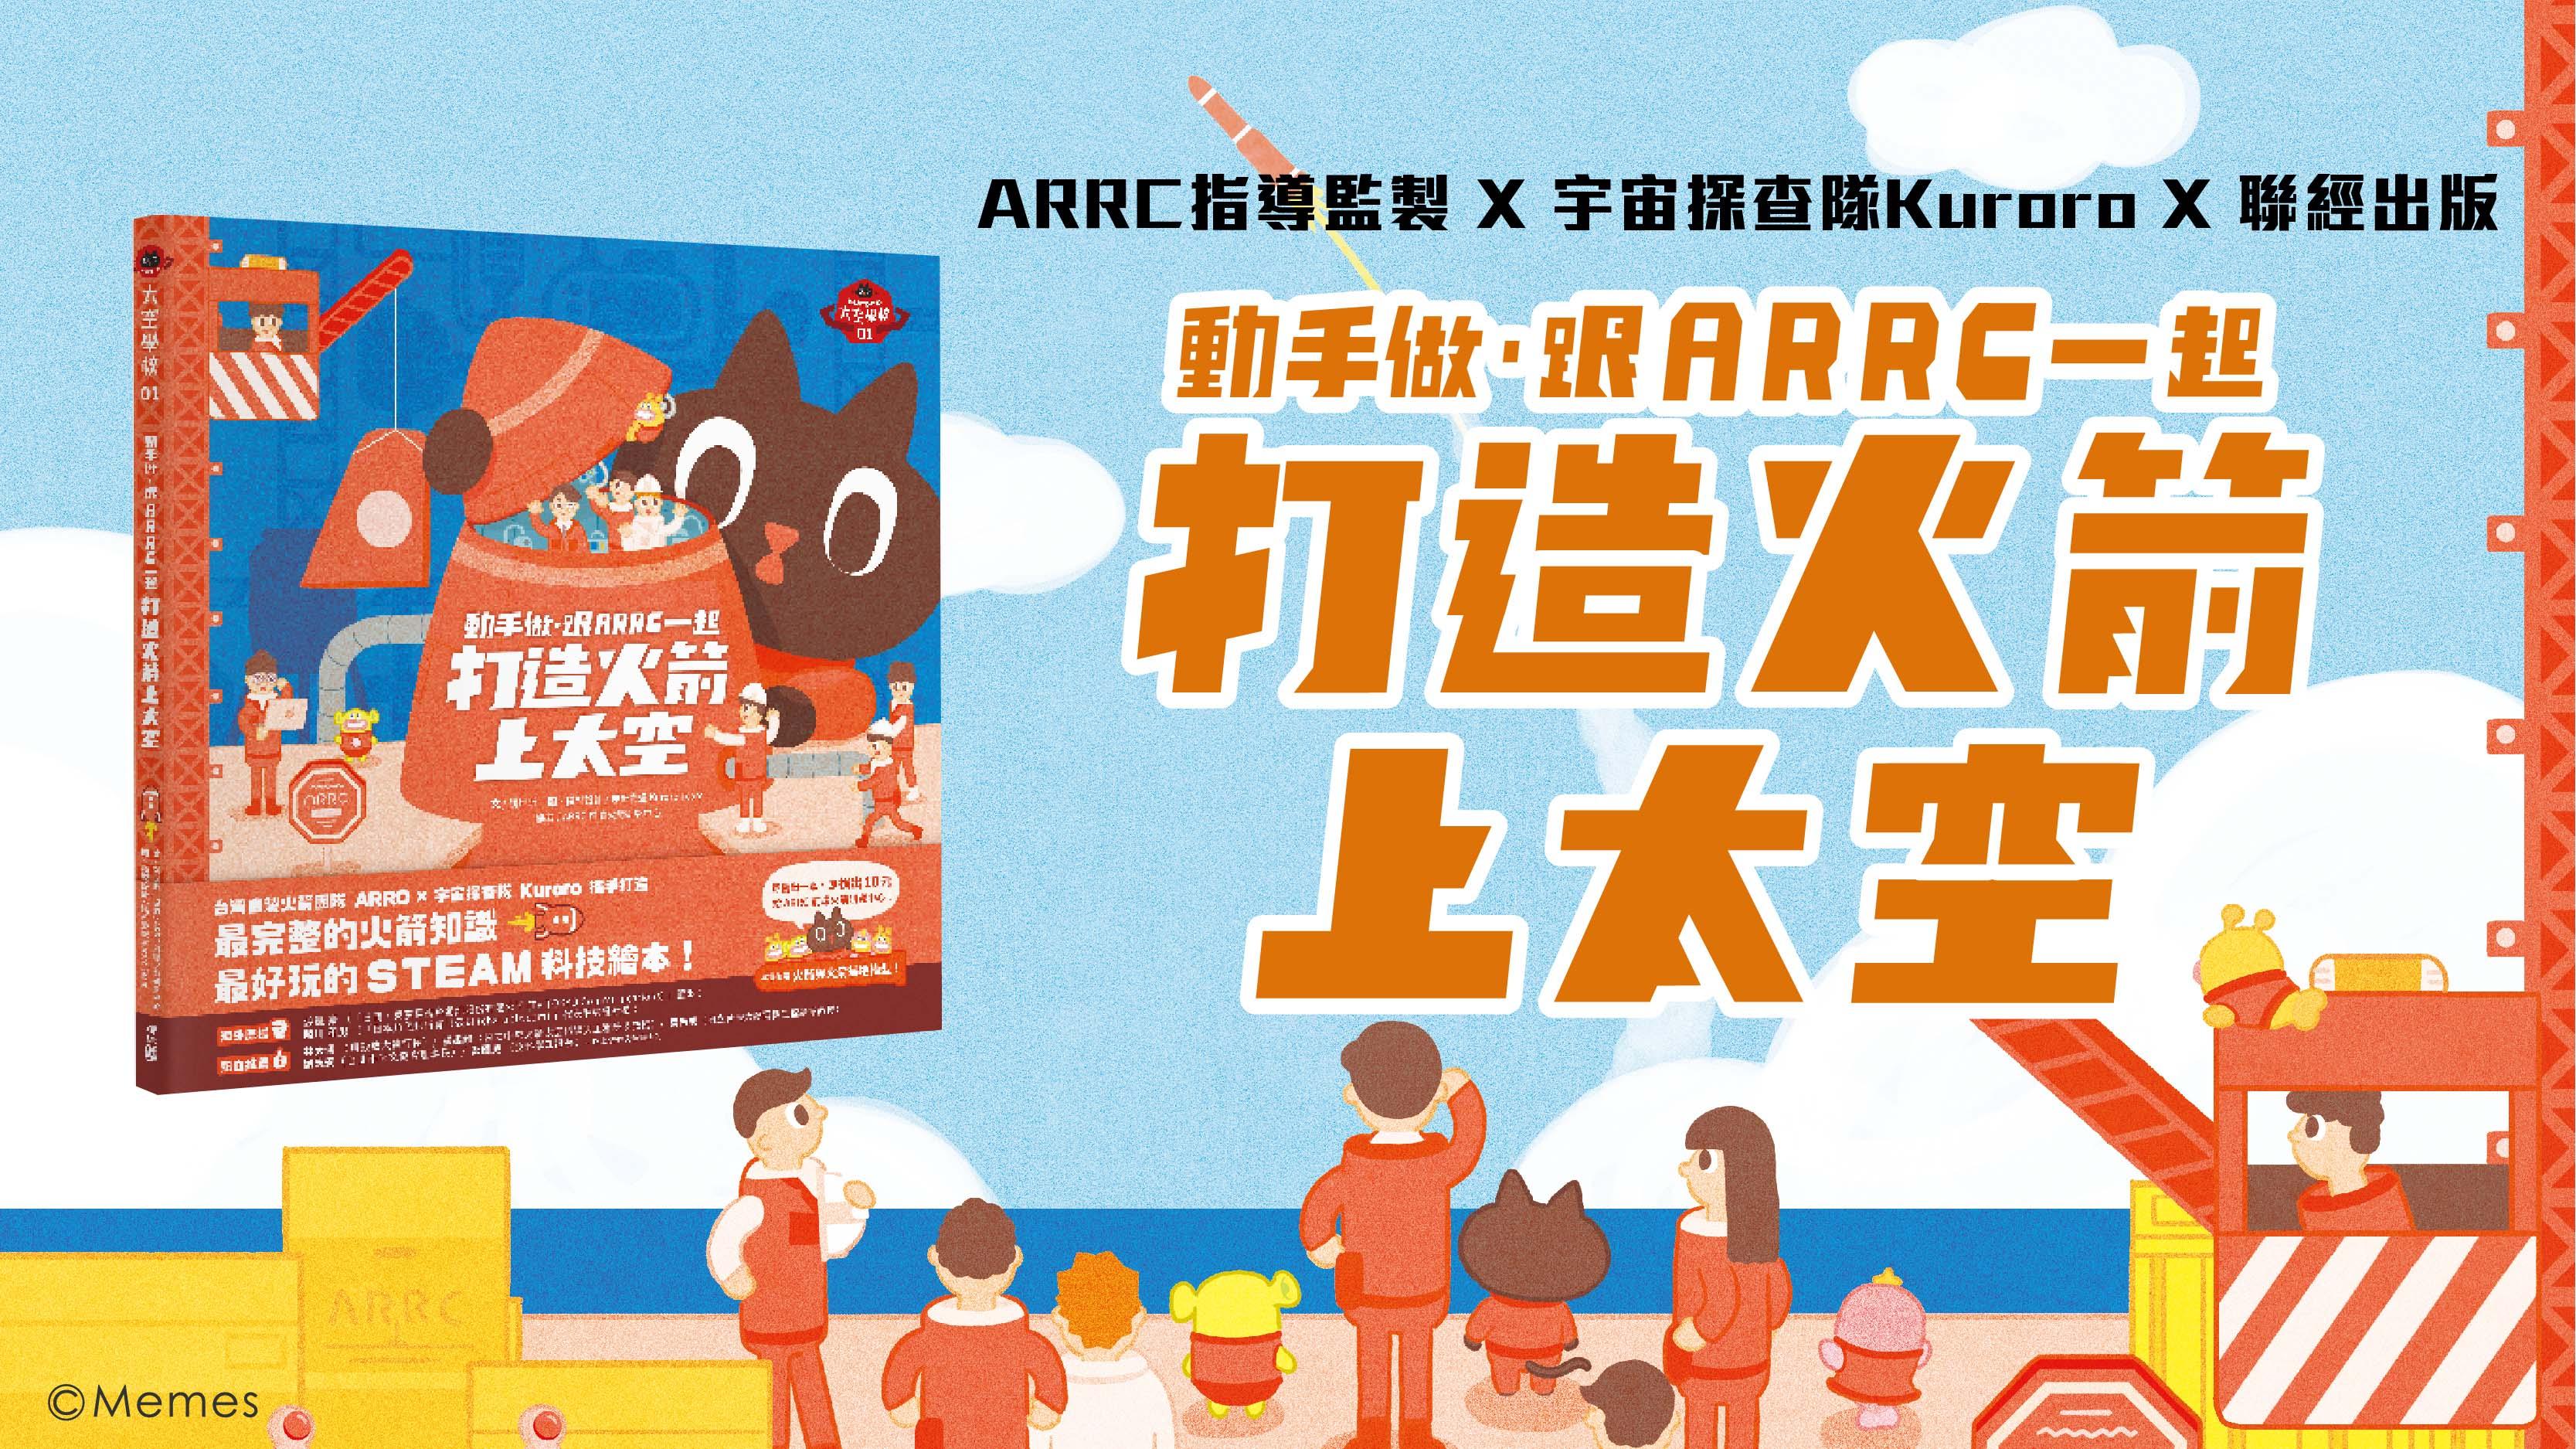 台灣第一本附贈火箭模型主題繪本 《動手做,跟ARRC一起打造火箭上太空!》  搶先預購!